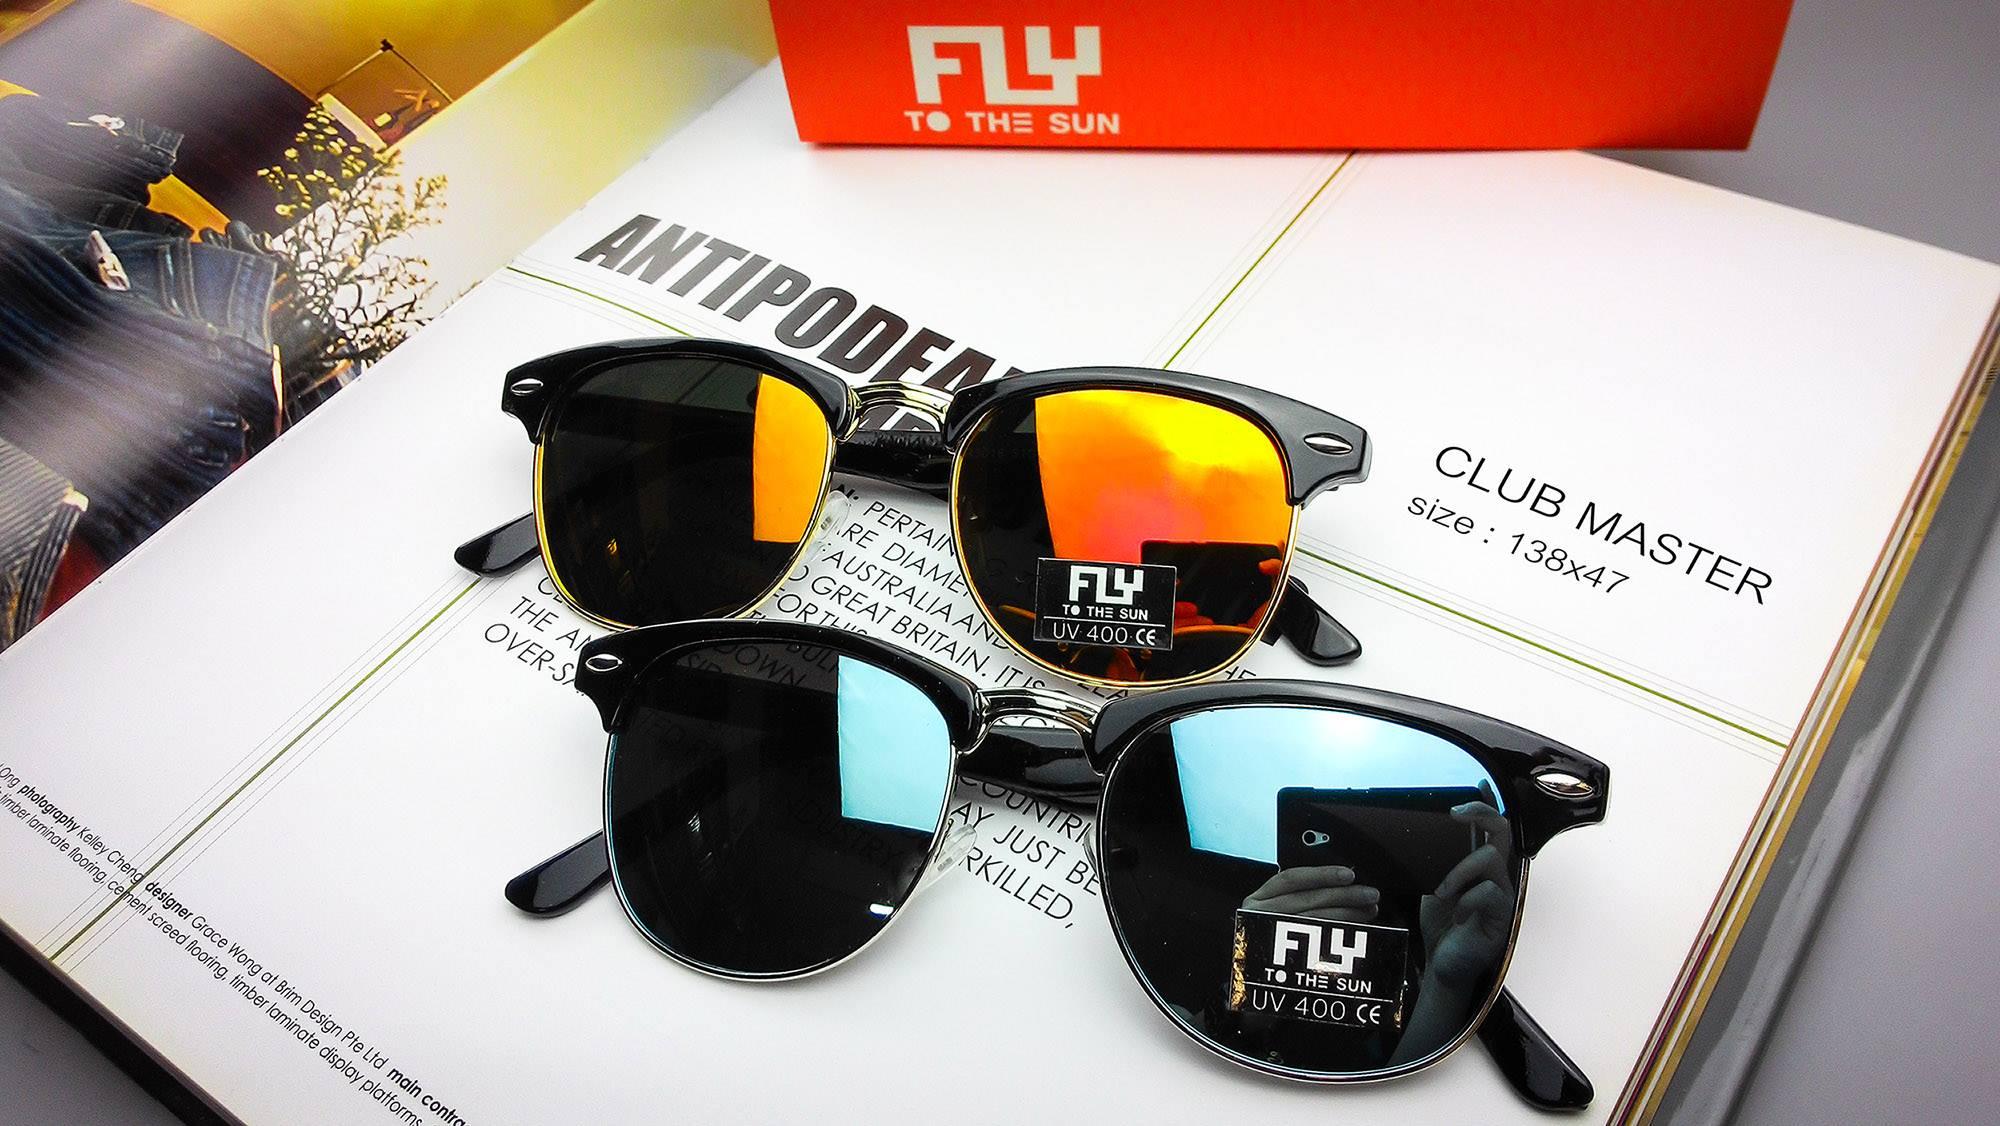 [พร้อมส่ง] แว่นกันแดด Fly to the sun รุ่น Club Master